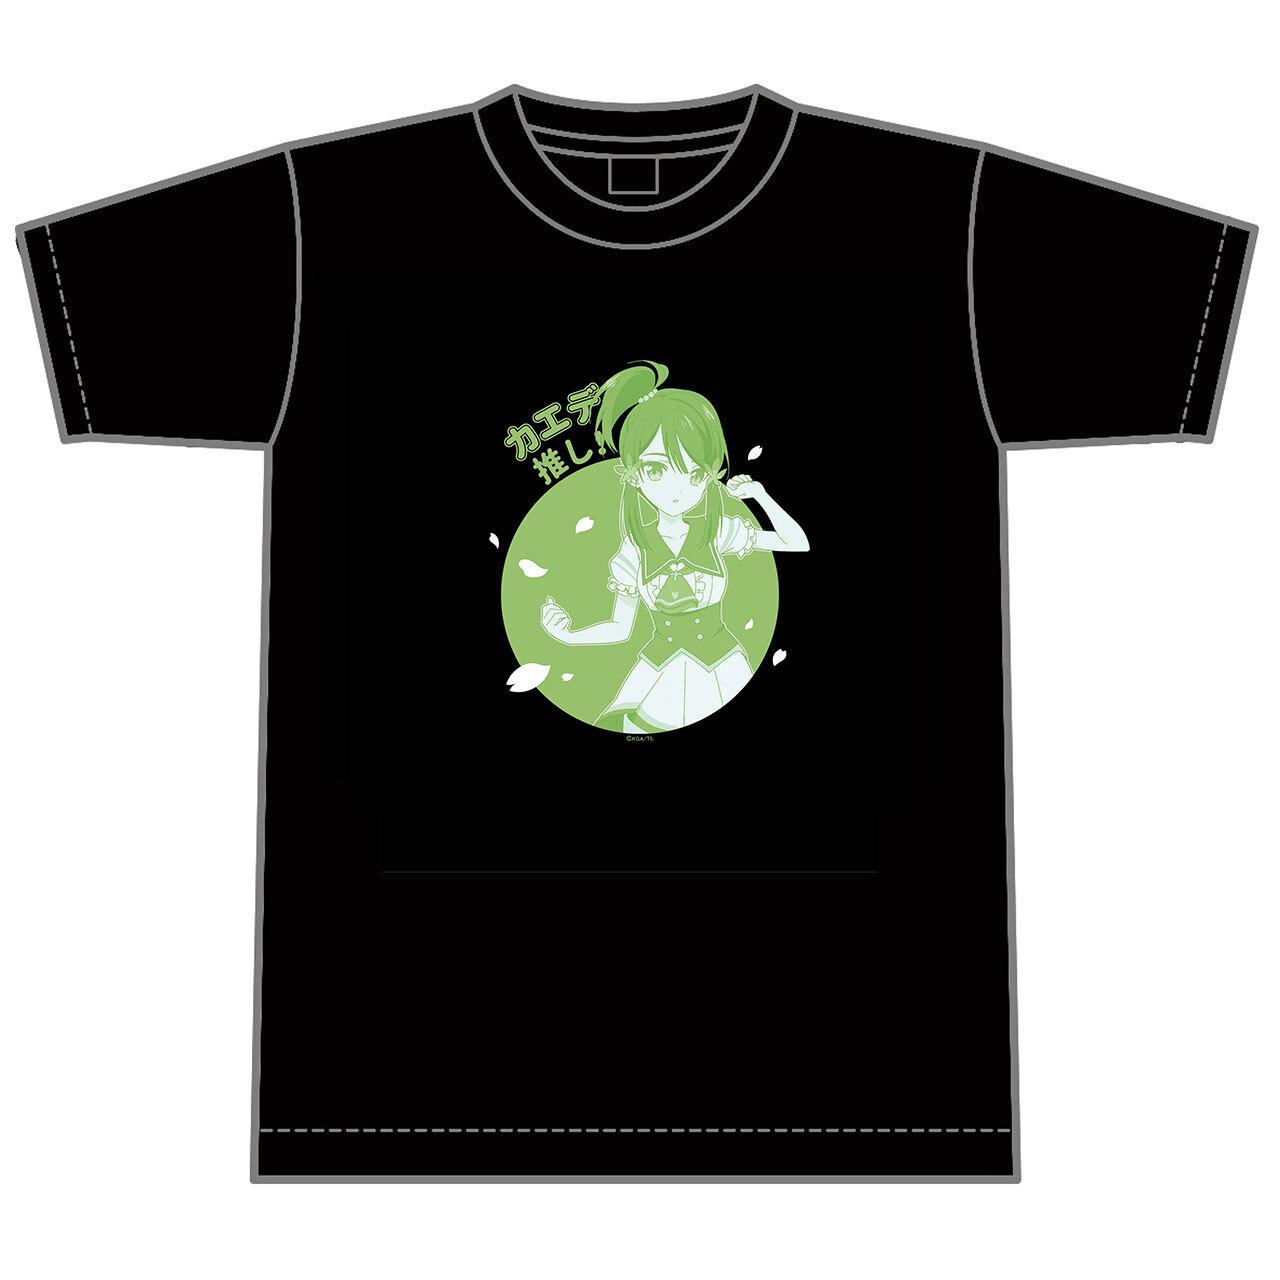 【4589839355056予】ラピスリライツ カエデ 推しTシャツ/XLサイズ